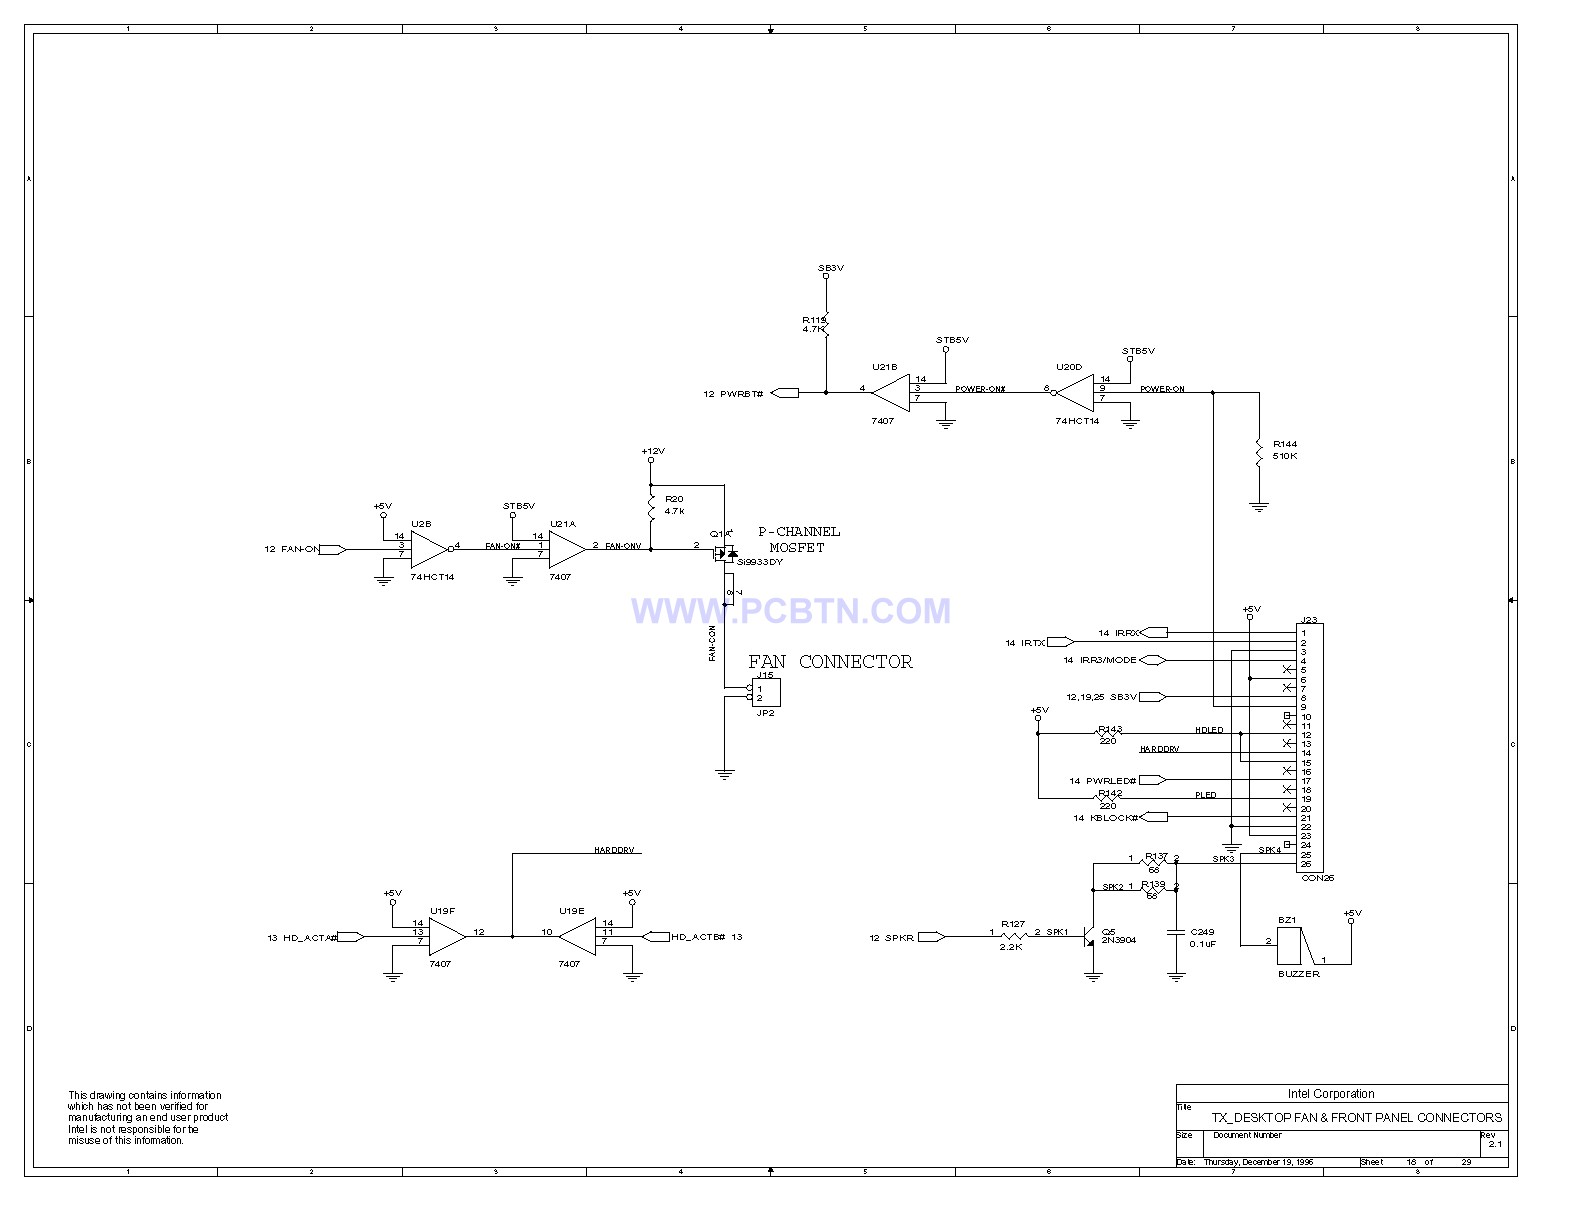 430TX电脑主板设计图[_]18